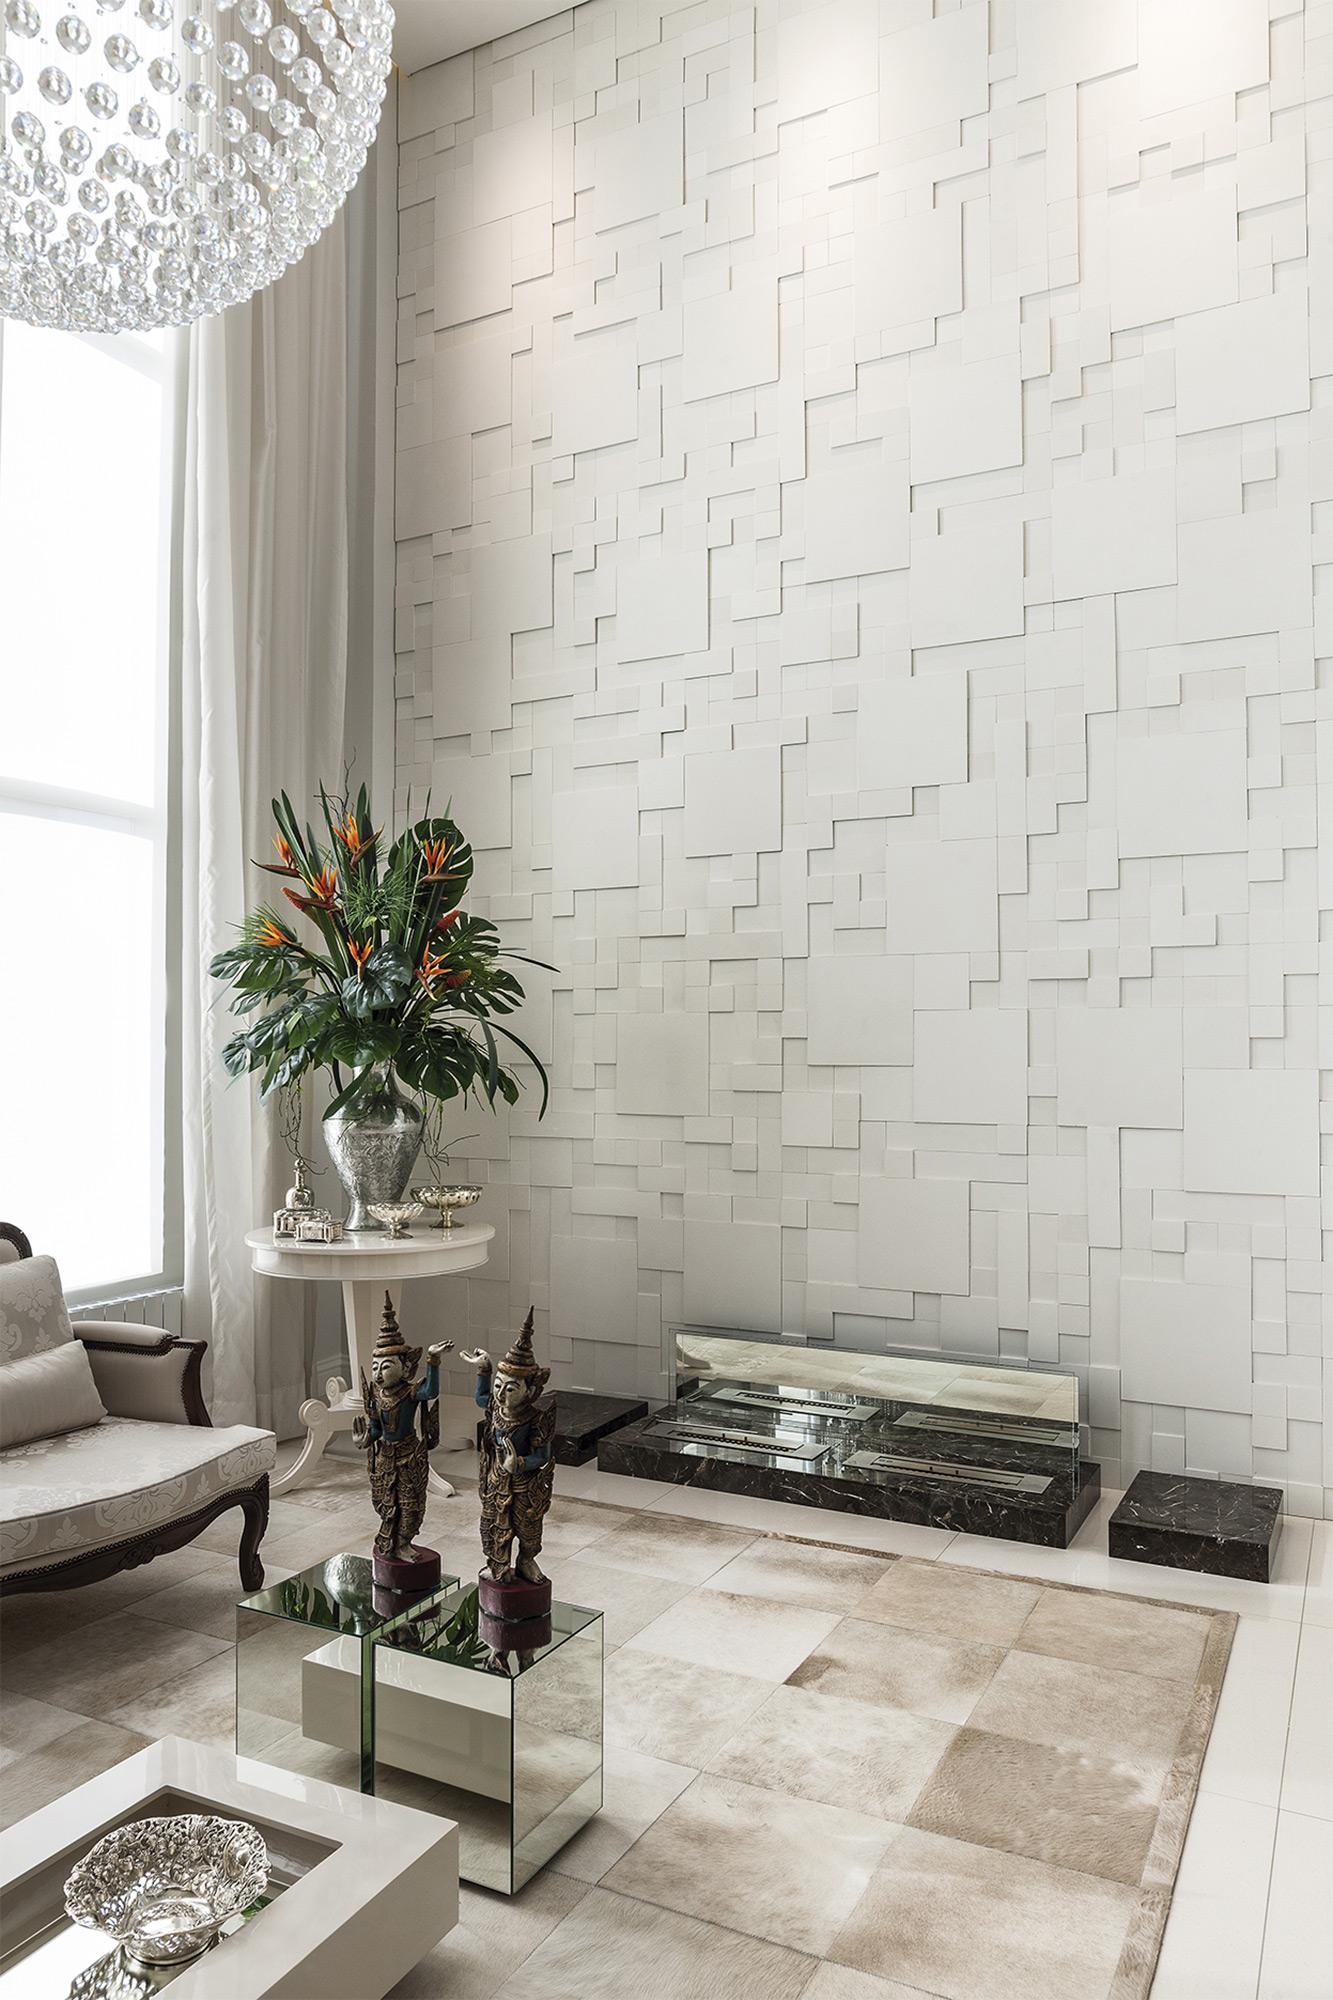 Mosaico Paris Branco - Arquiteta Monique Pedruzzi - Foto Gilmar Gomes